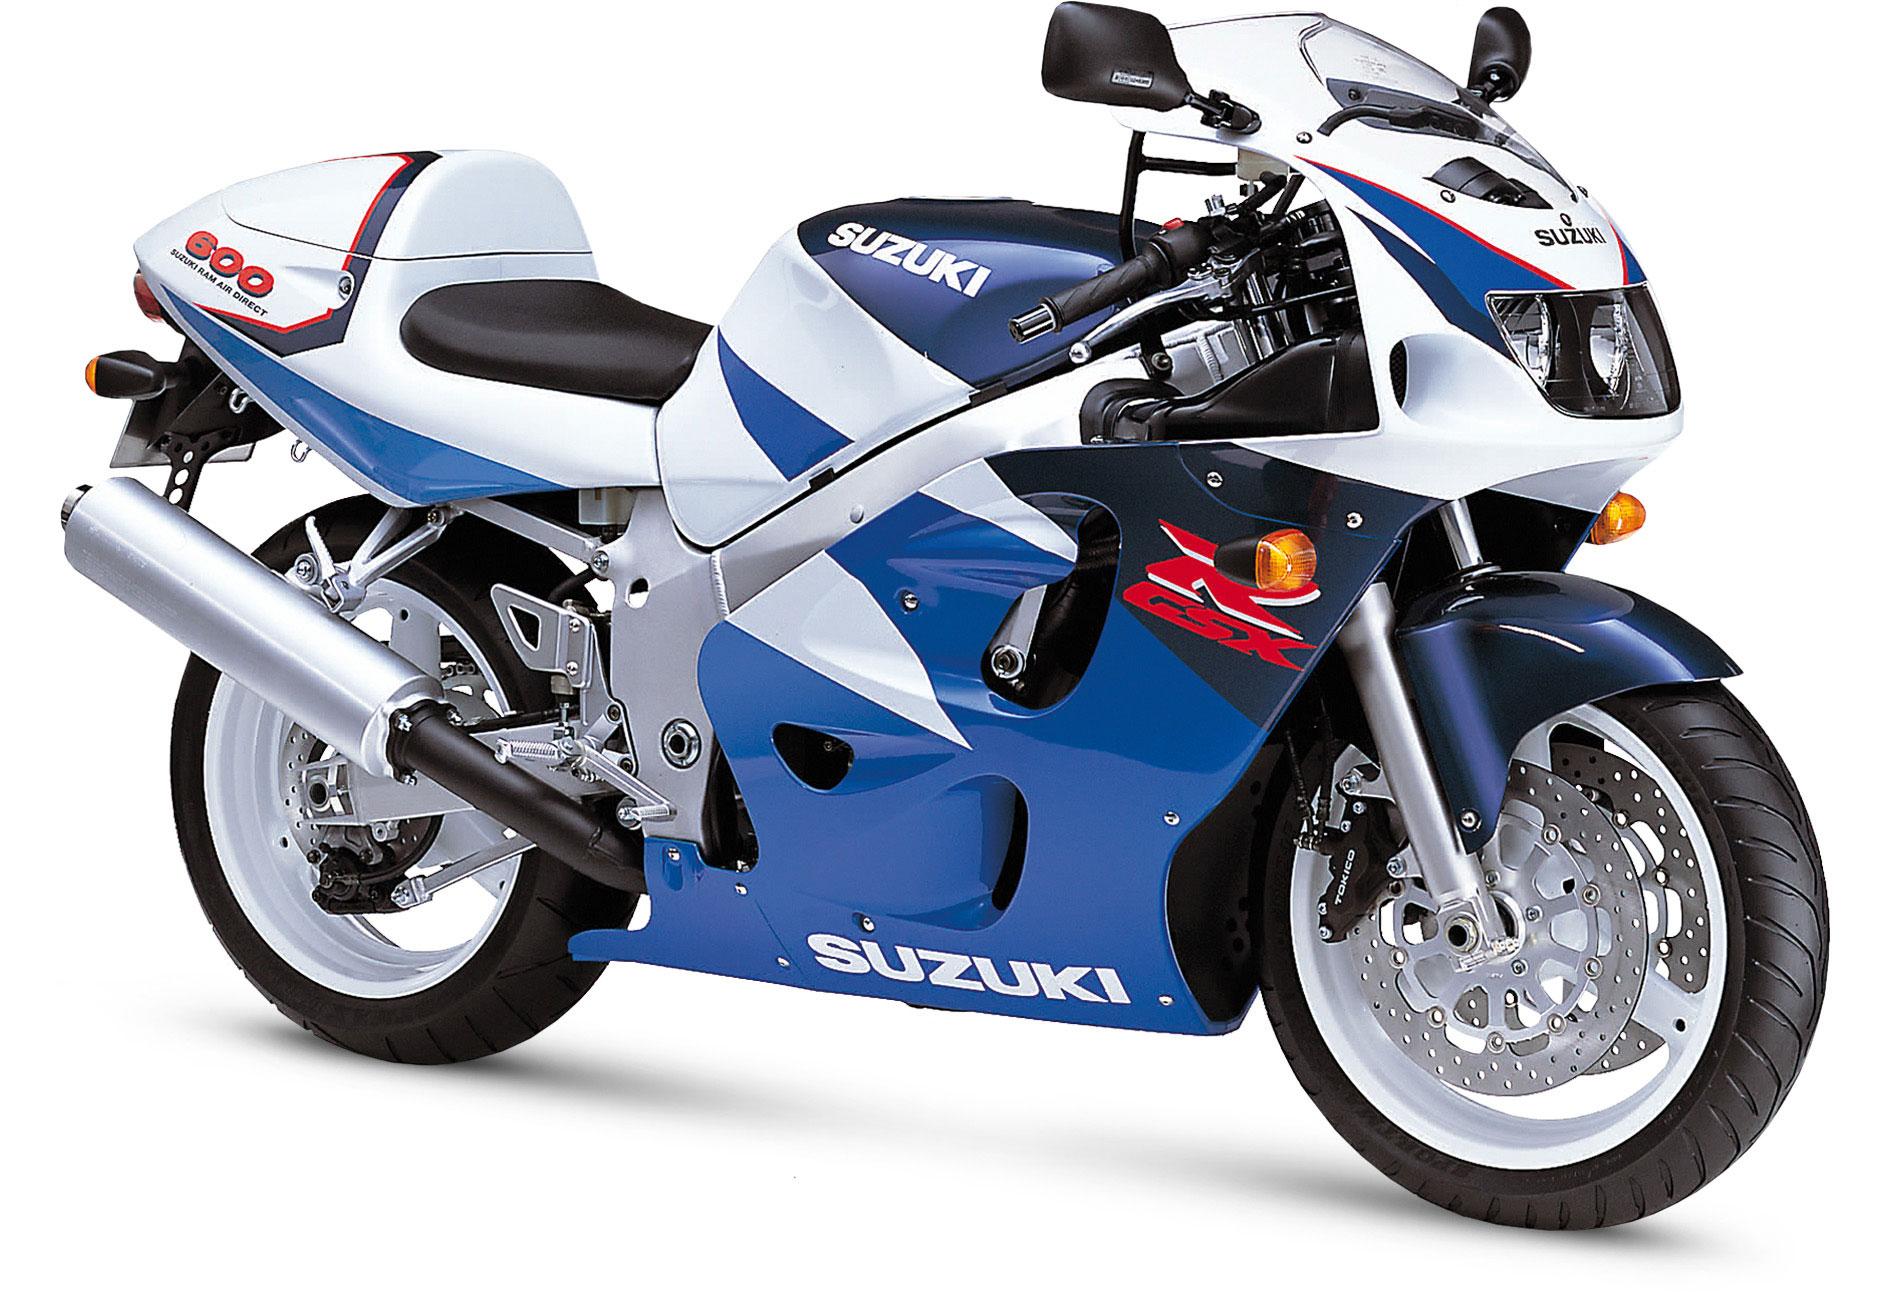 GSX R 600 (1995-2000)